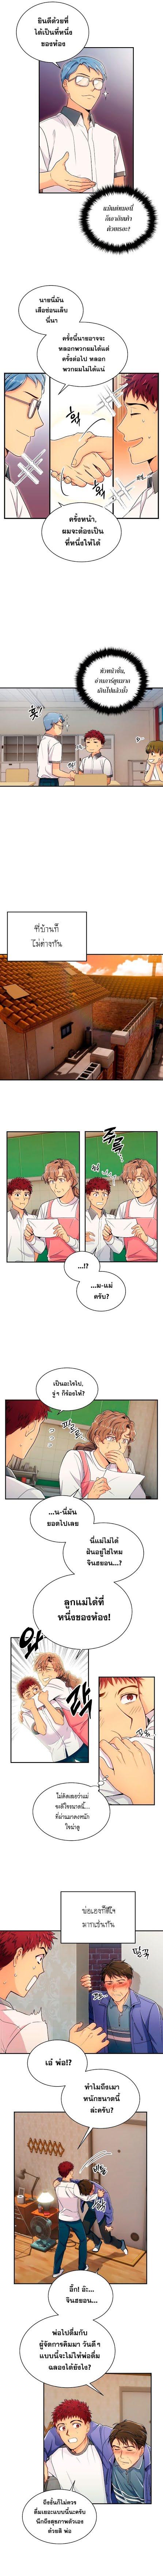 Medical Return - หน้า 2